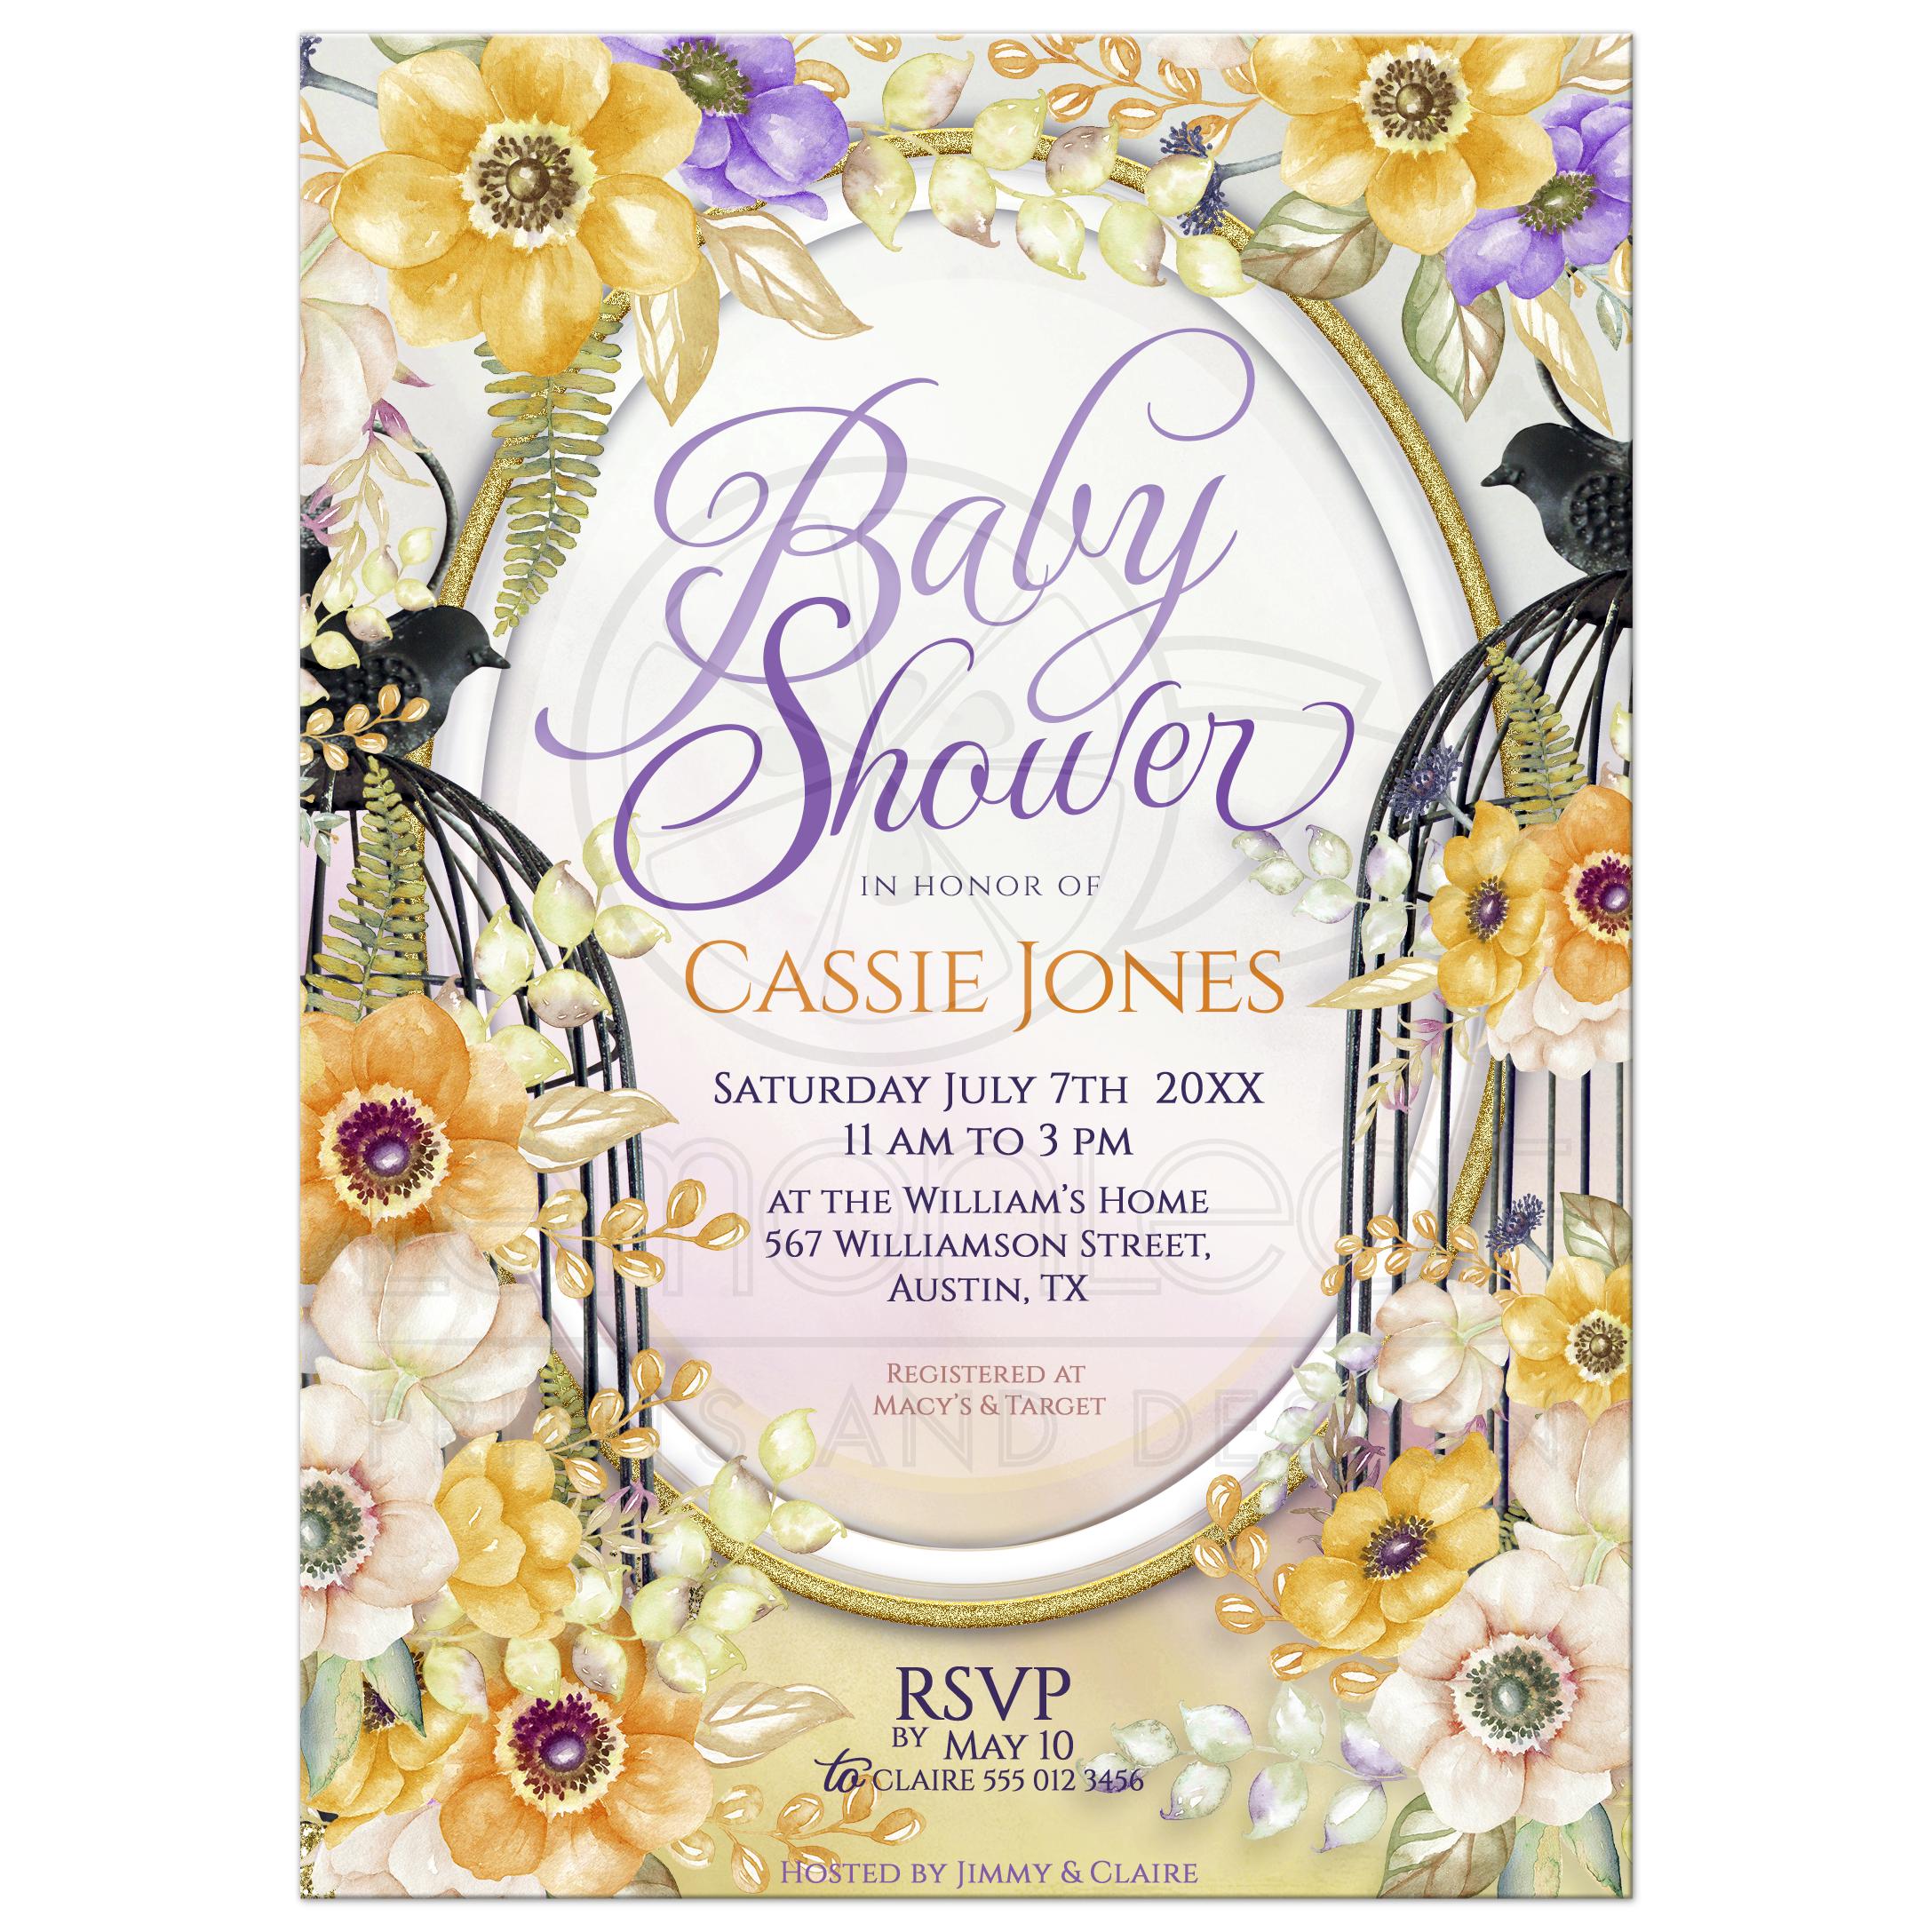 Floral Birdcage Baby Shower Invitation | Orange+Purple Flowers